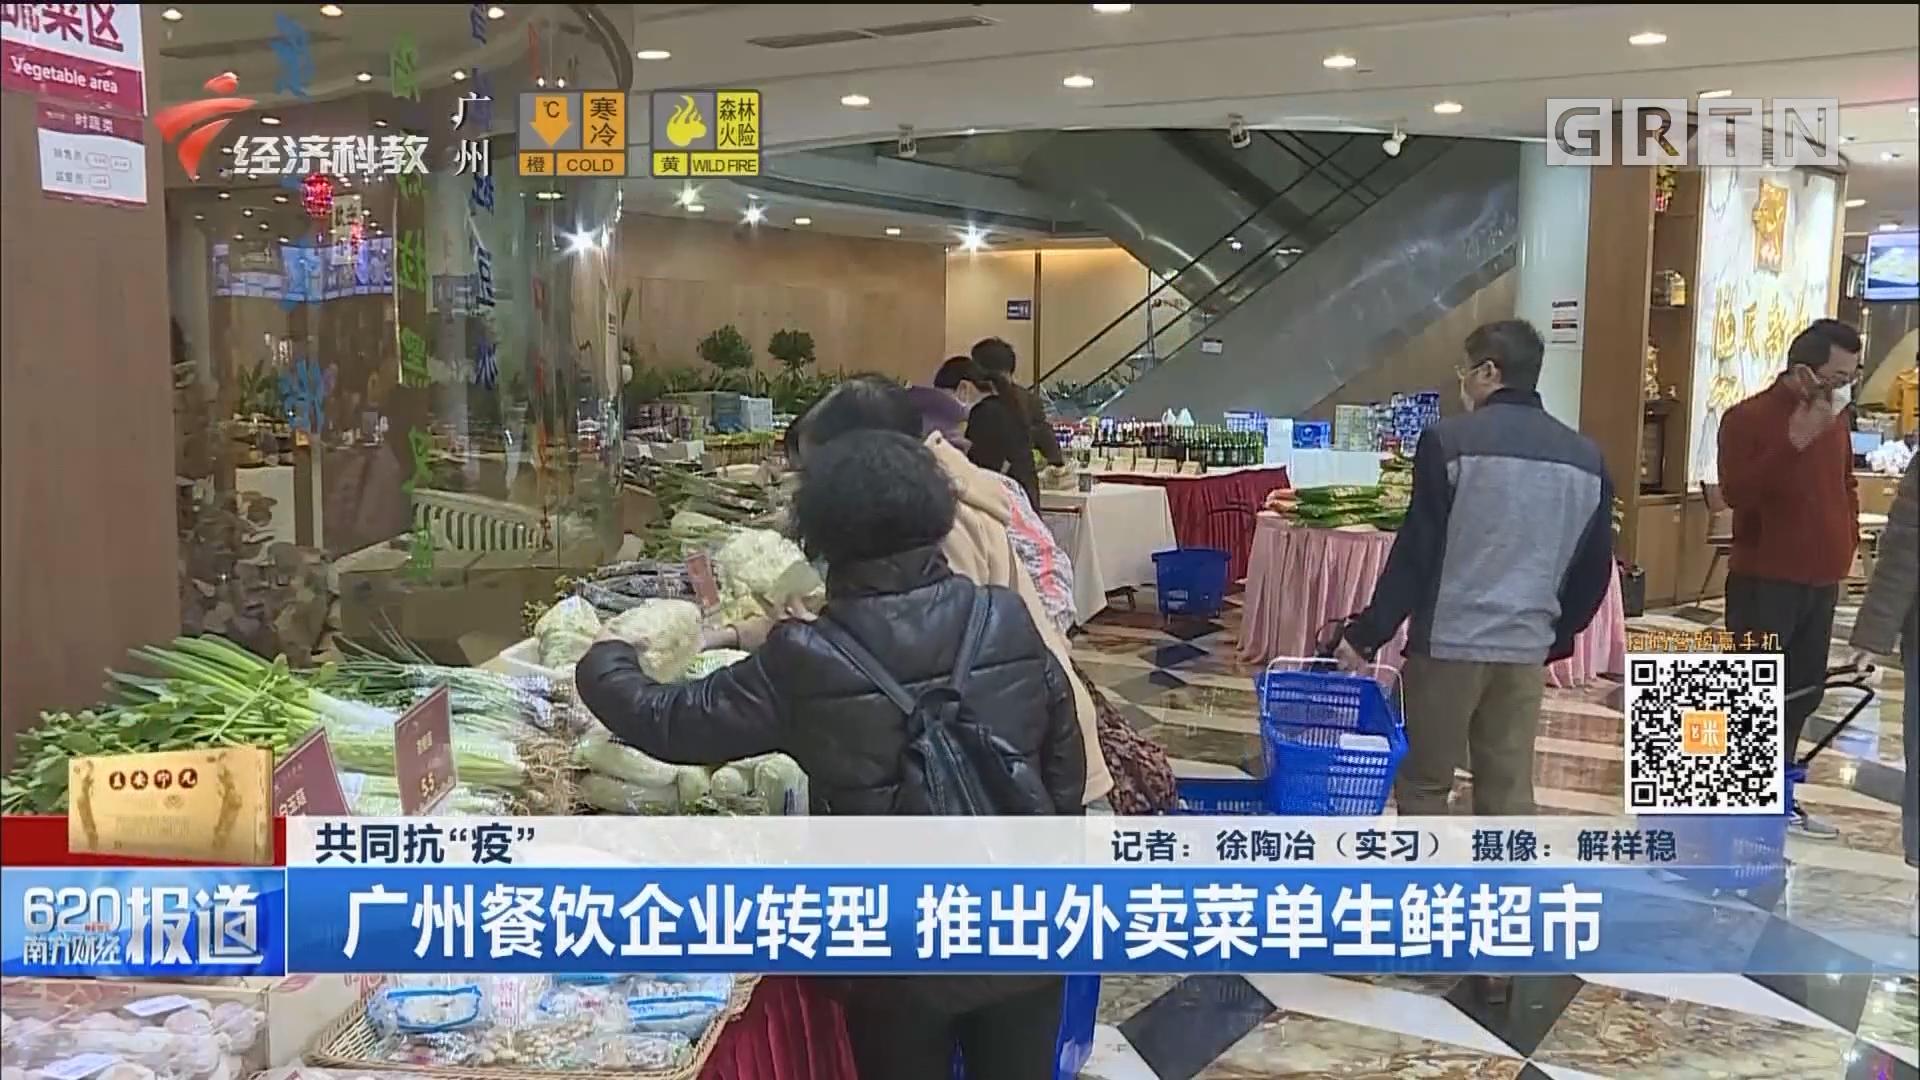 """共同抗""""疫"""" 廣州餐飲企業轉型 推出外賣菜單生鮮超市"""